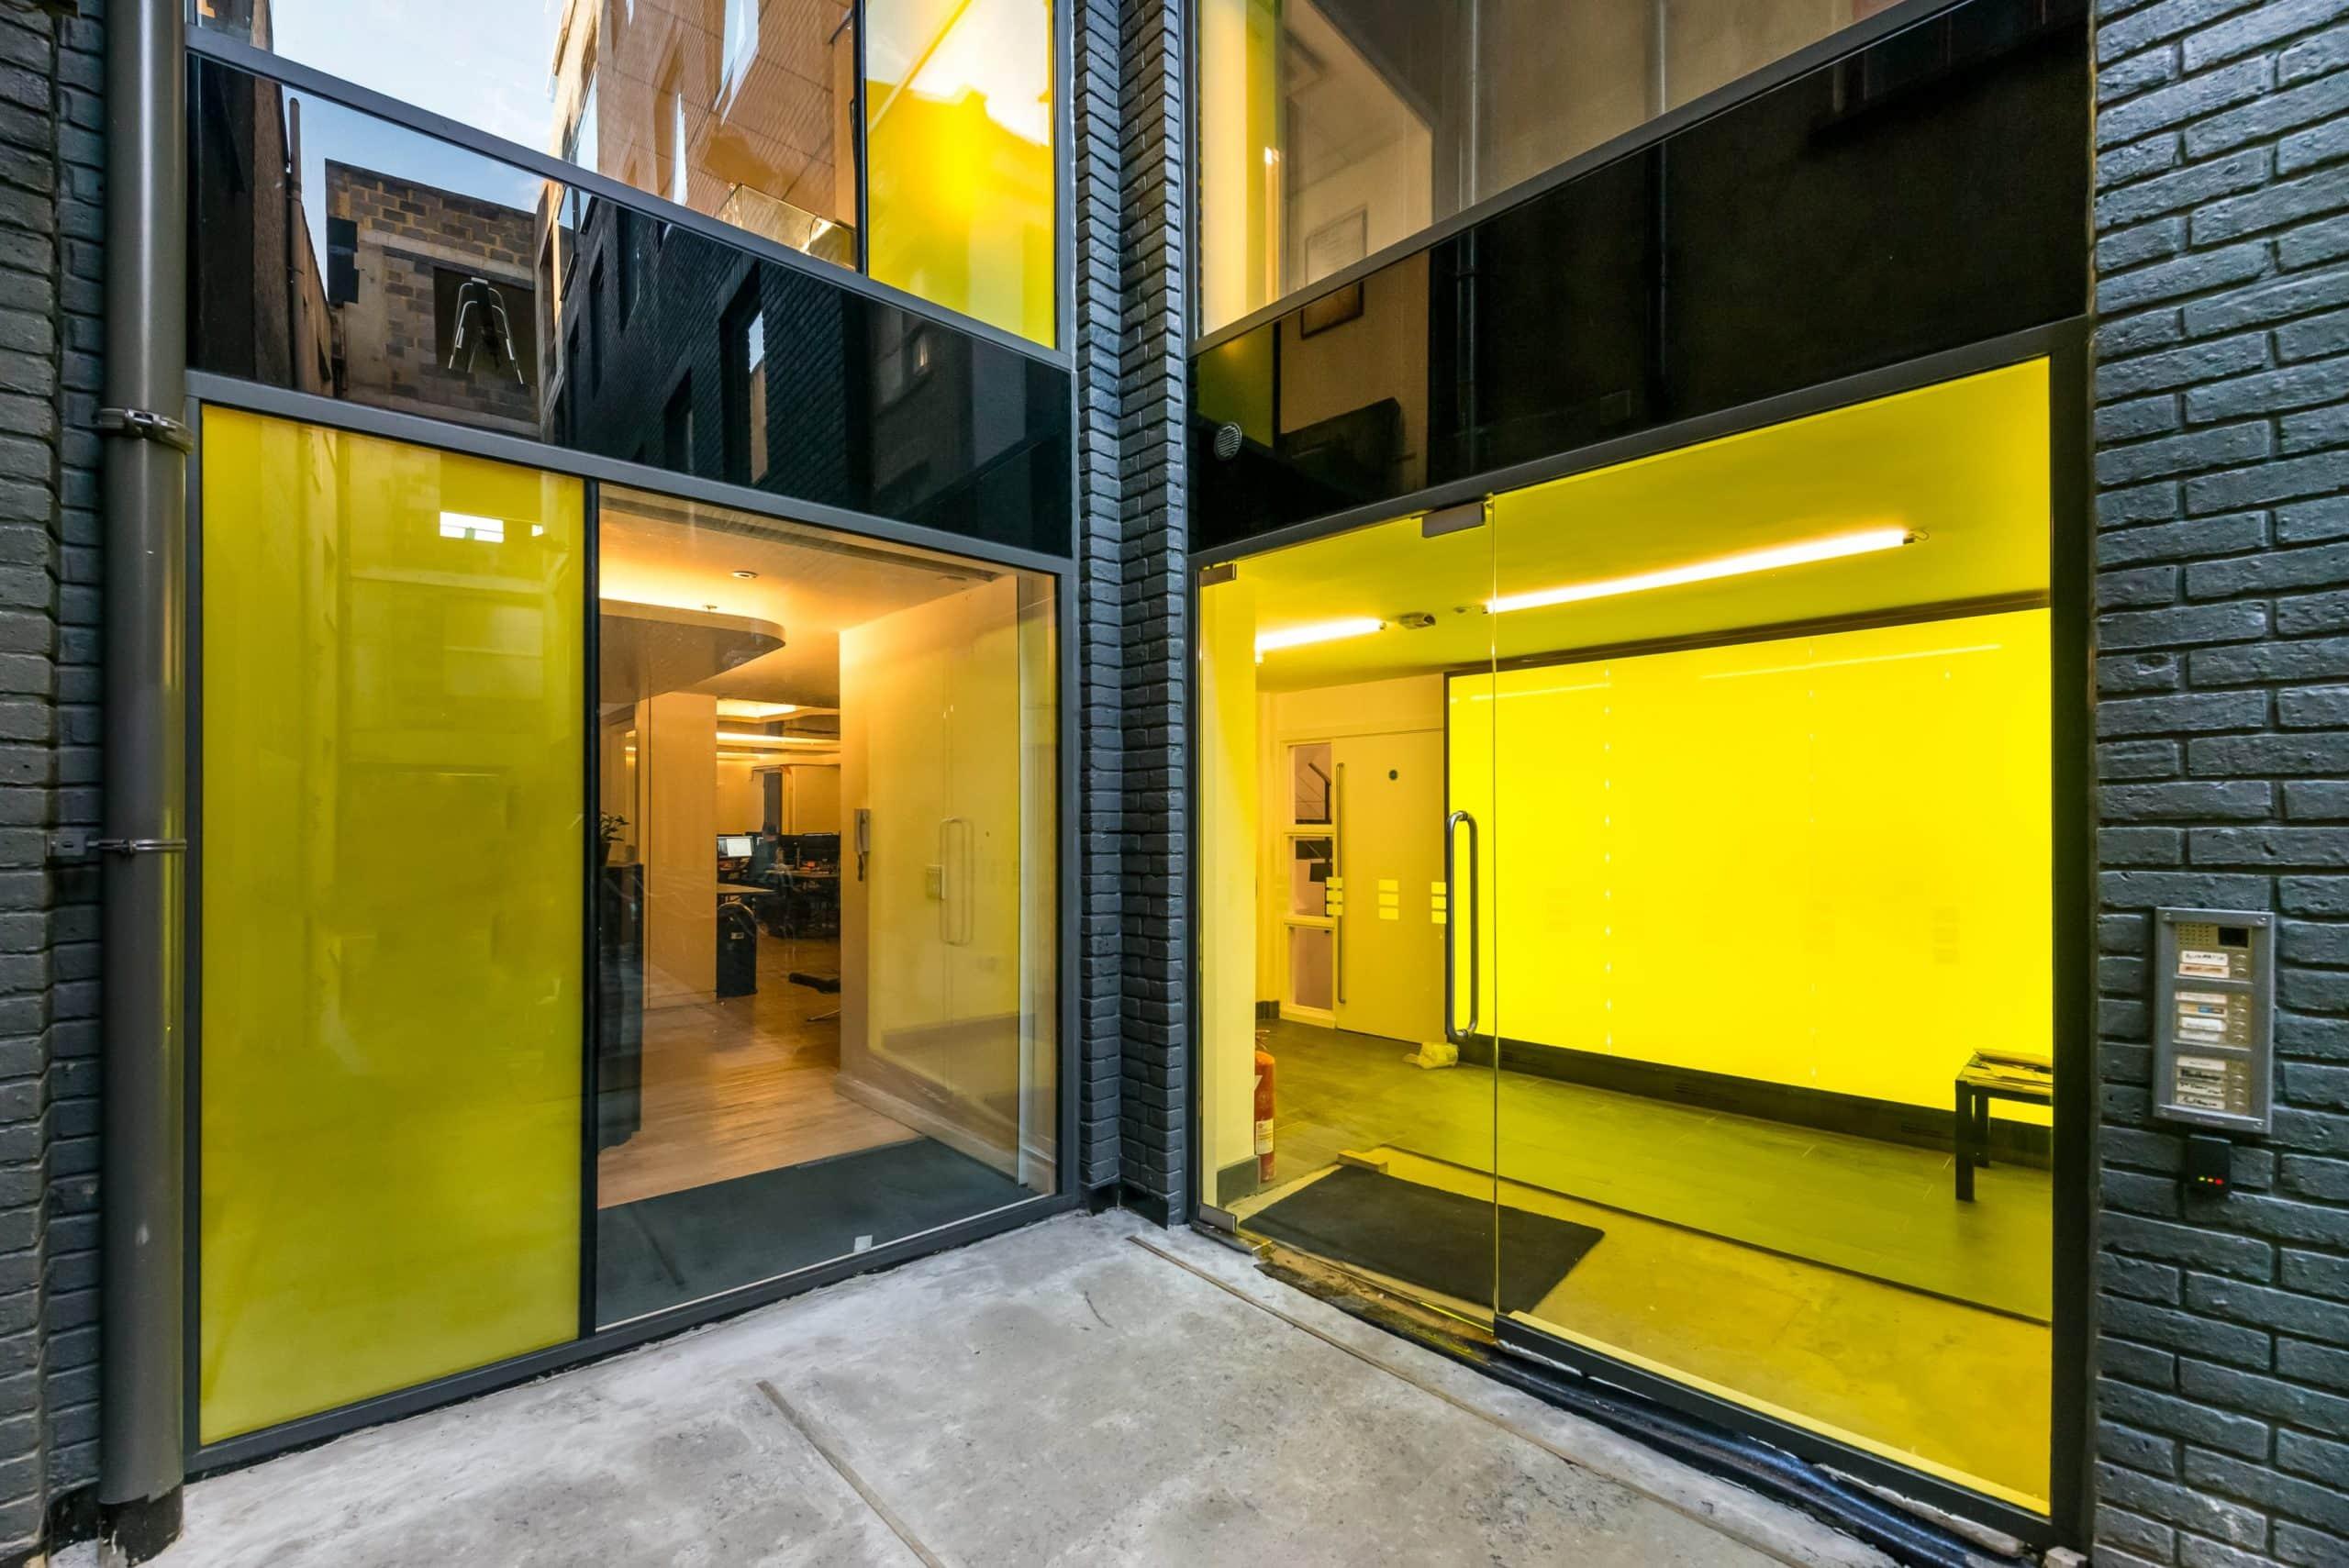 decorative glazing with yellow glass